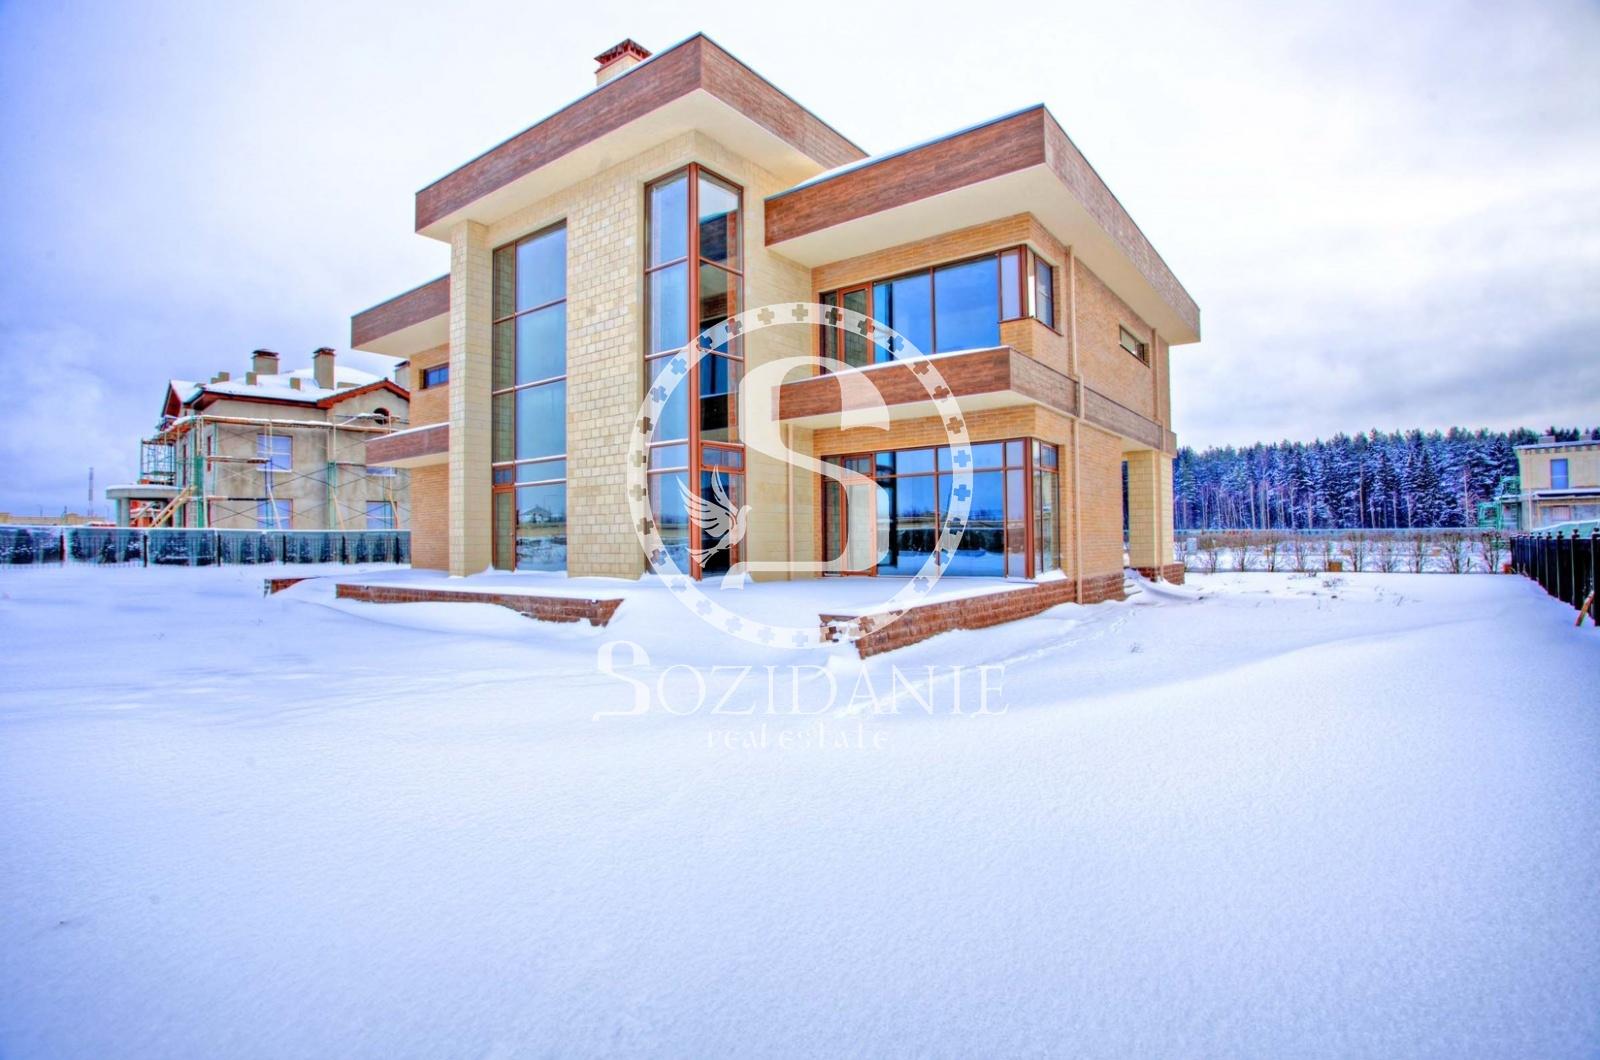 5 Bedrooms, Загородная, Продажа, Listing ID 1287, Московская область, Россия,